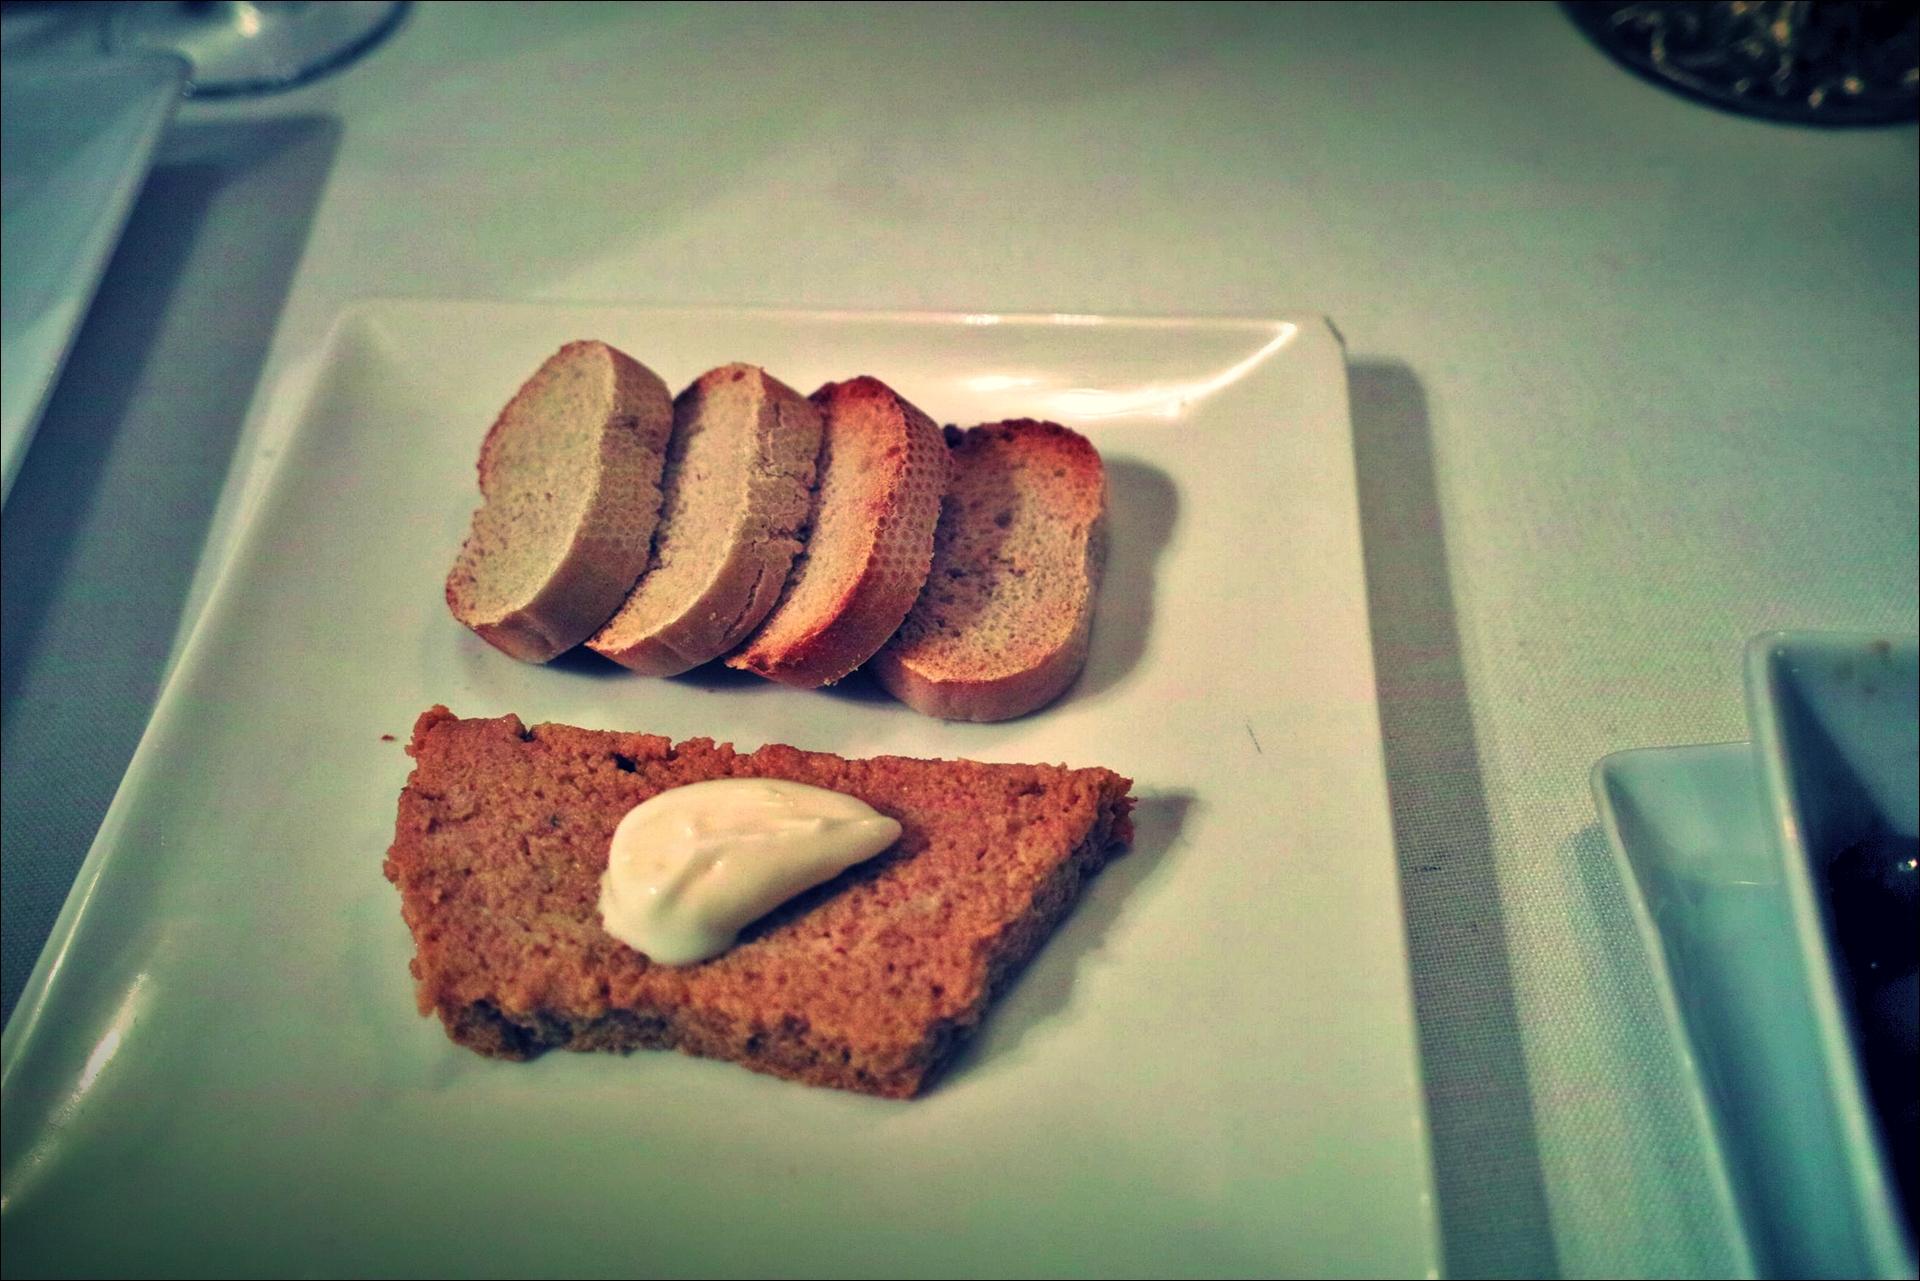 빵-'자카란다 레스토랑, 산탄데르(Restaurante Jacaranda, Santander)'